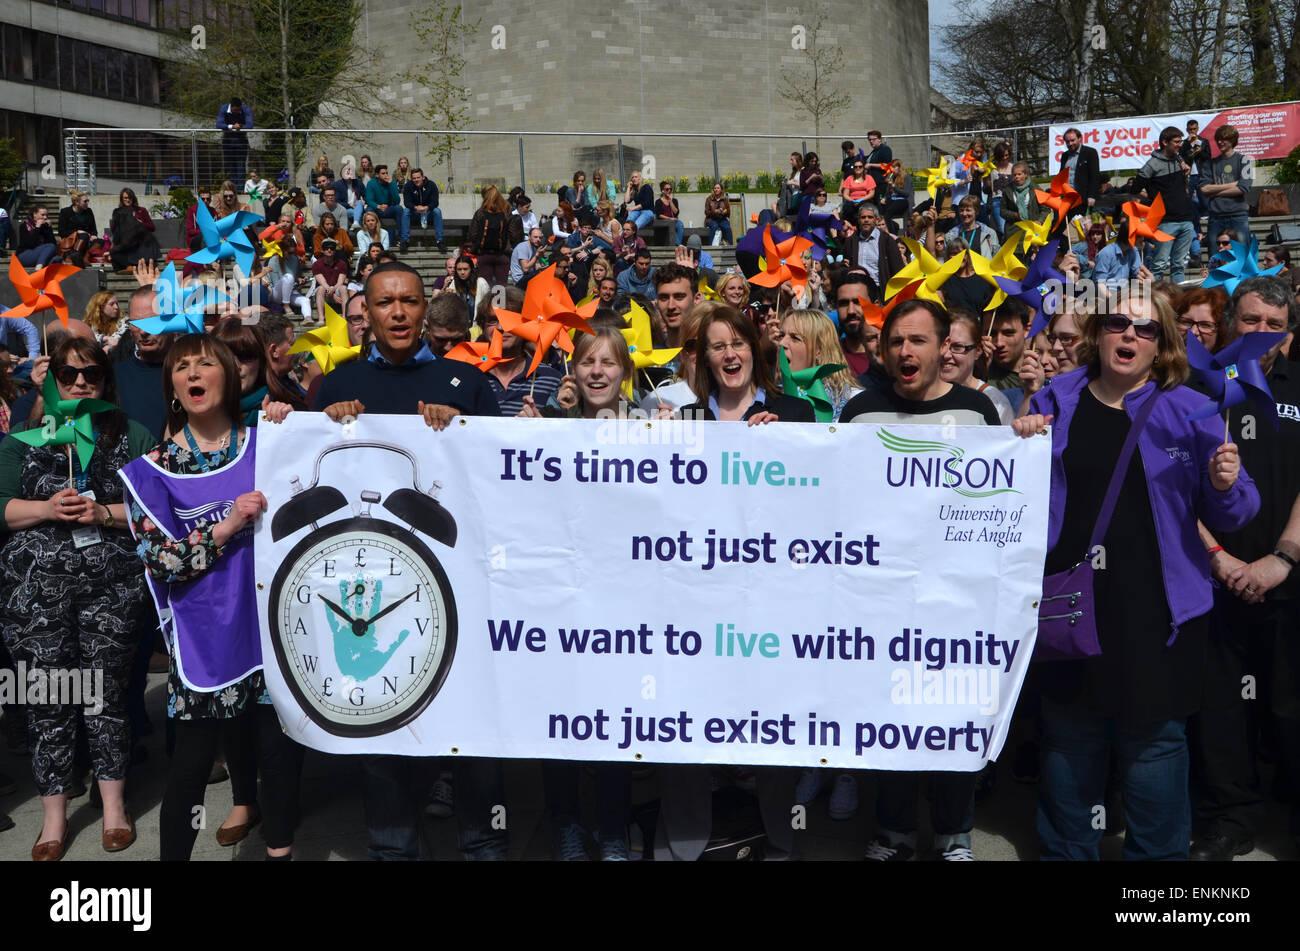 UNISON existenzsichernden Lohn Protest auf Campus der UEA, Norwich Süden Labour-Kandidaten Clive Lewis, April Stockbild